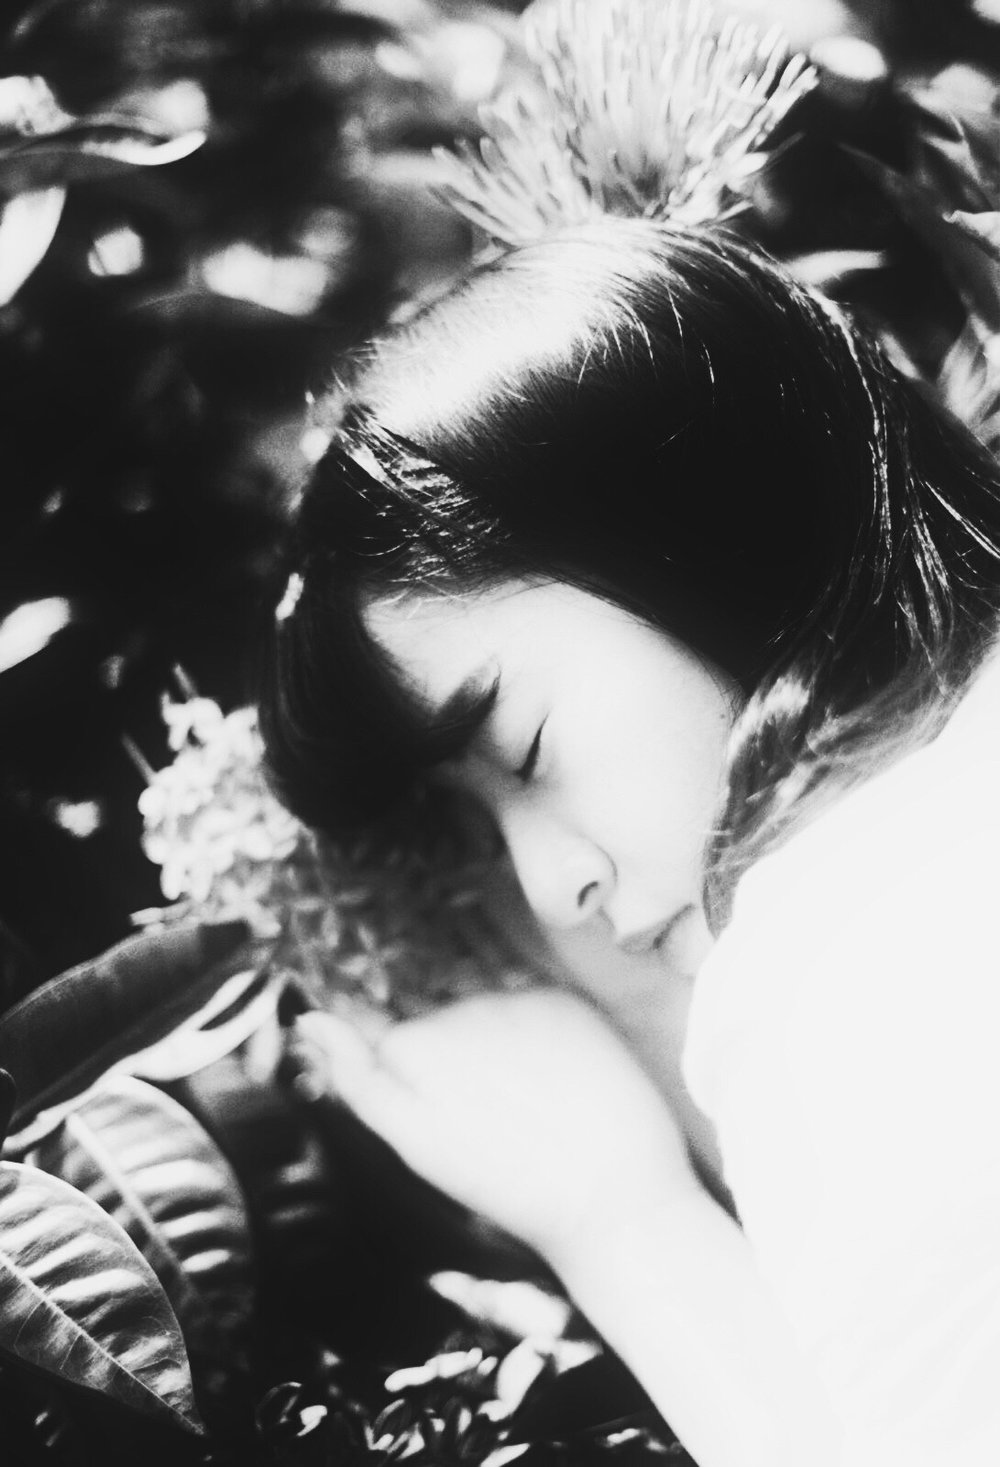 作者介紹 - Bella Tam 貝拉說寫字的人,英語文學學士畢業,全職嗜甜與觀映愛好者,深信靈魂不滅,偶而養花。分身是居於澳門的攝影人一名。